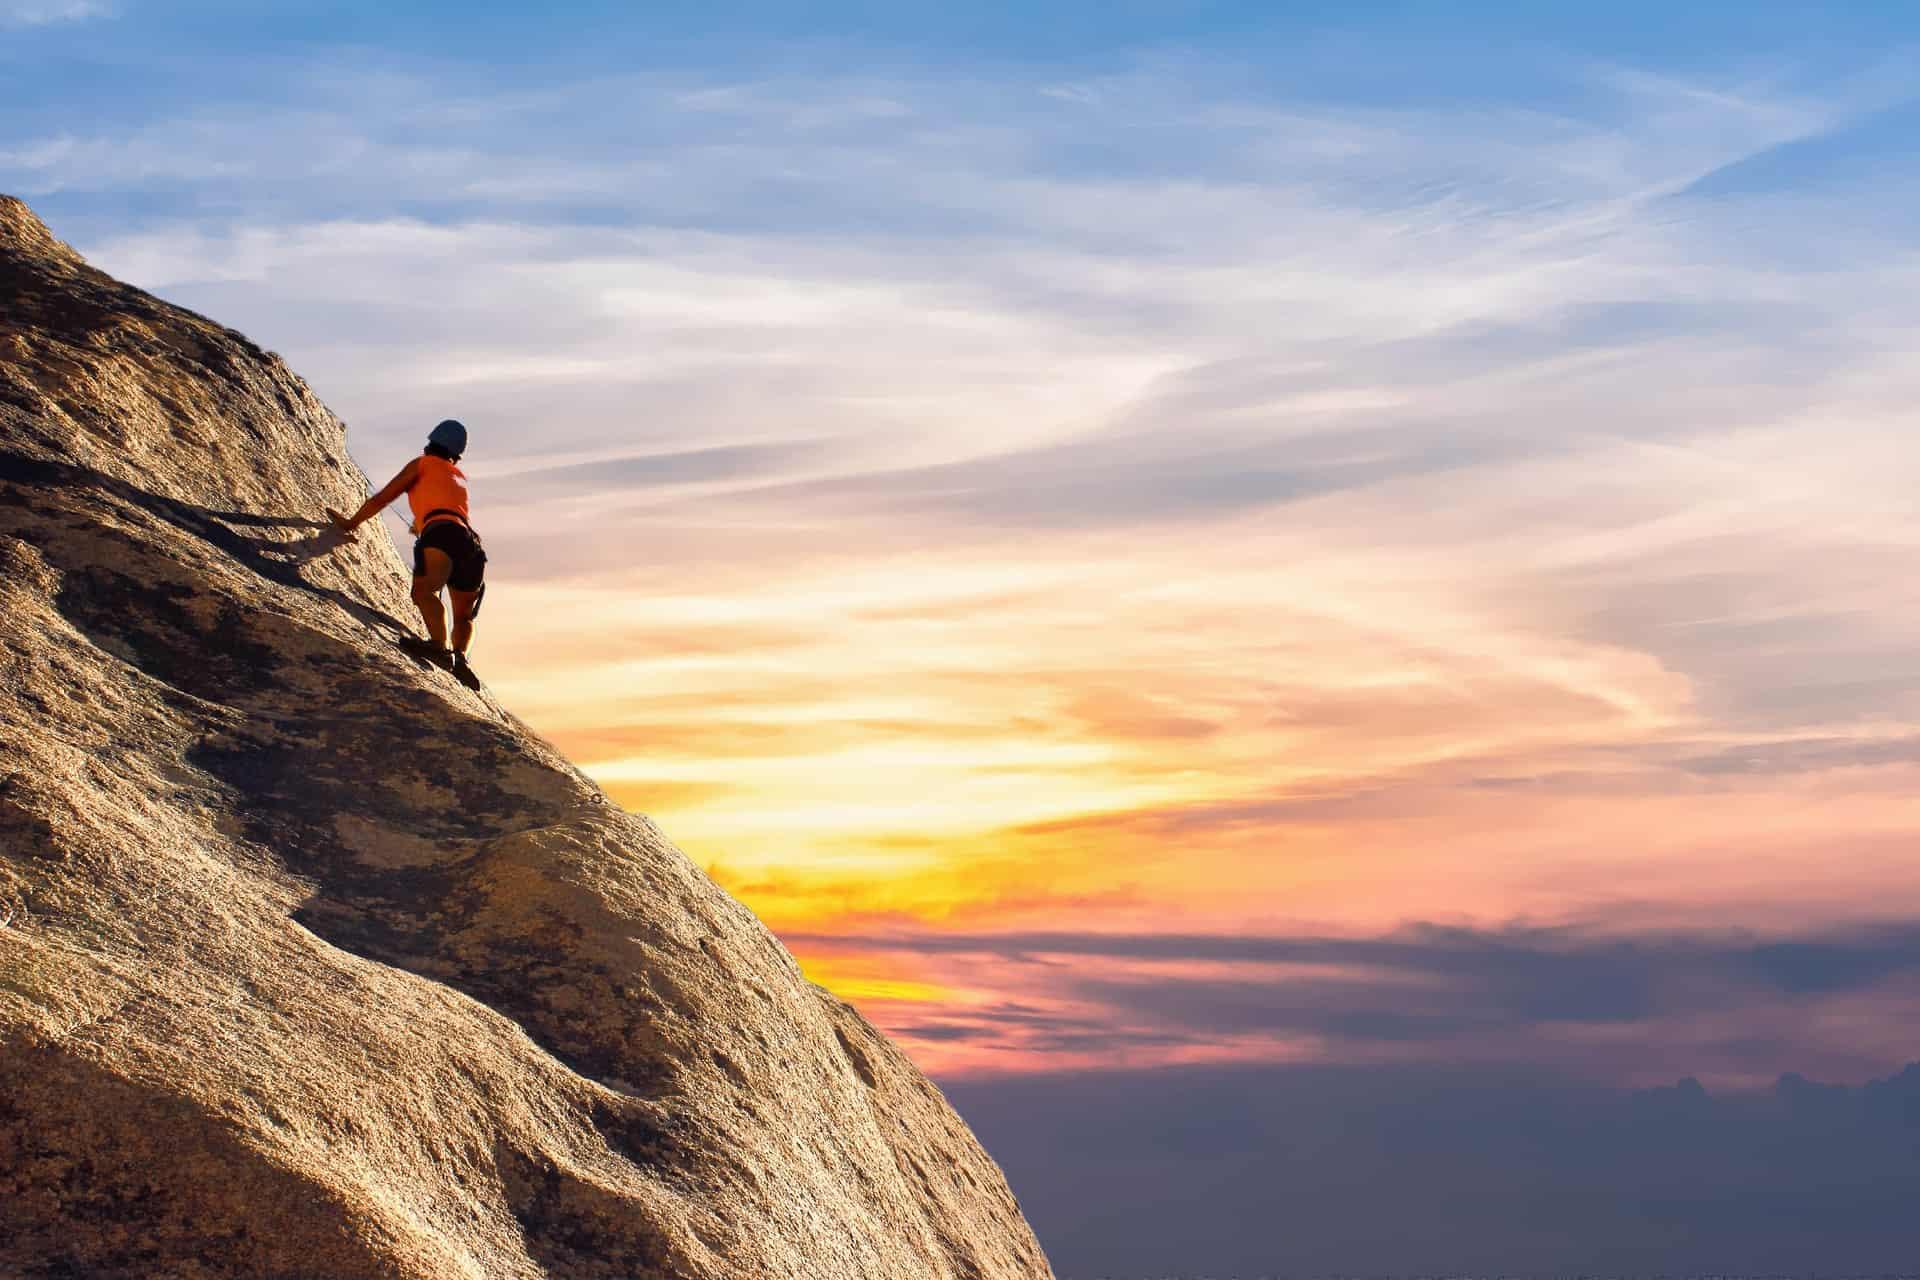 Klettergurt Test 2018 : Klettergurt test die besten klettergurte im vergleich